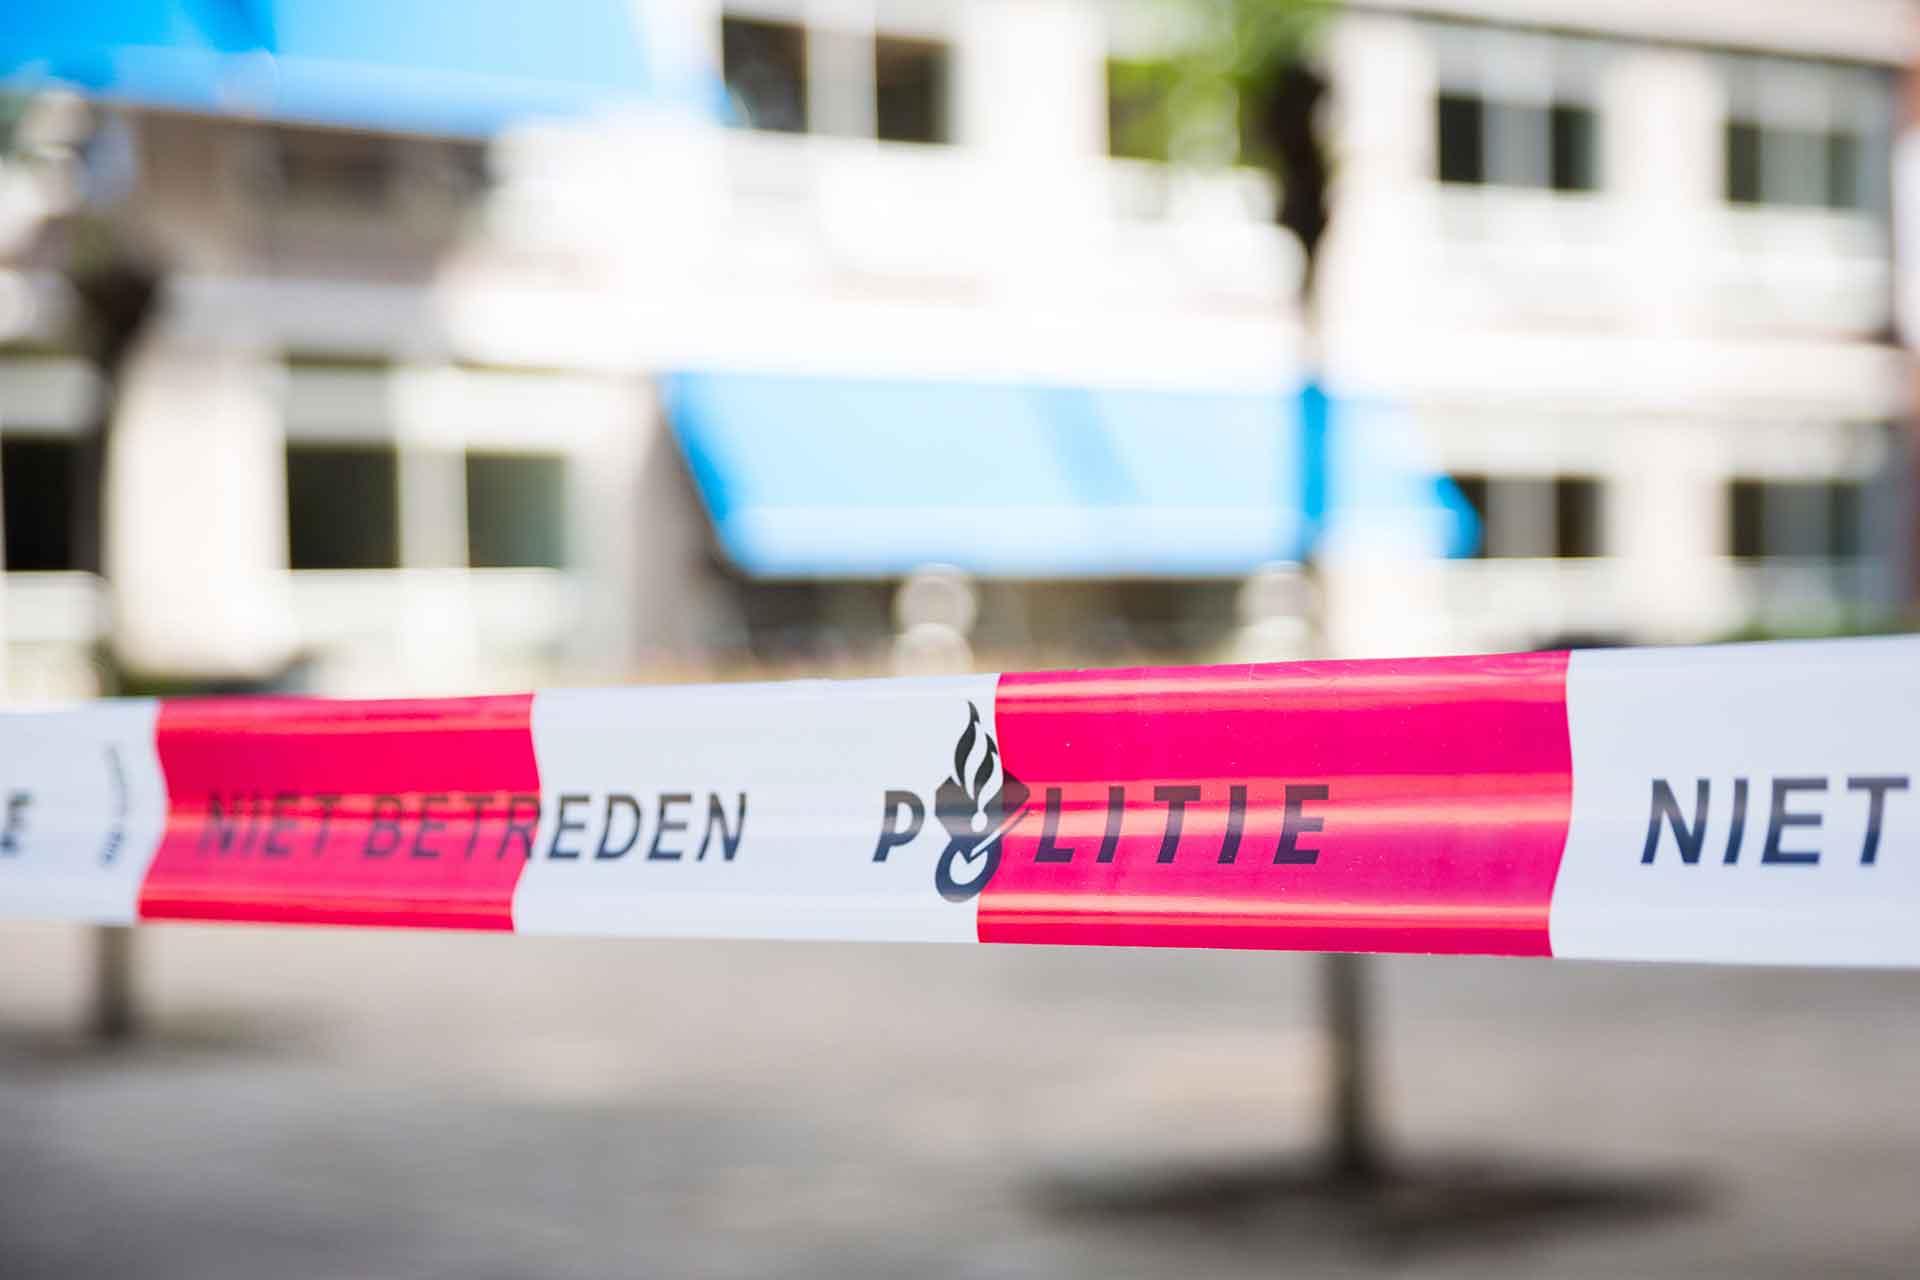 Spraakmakende strafzaken - Poging moord Hoogezand